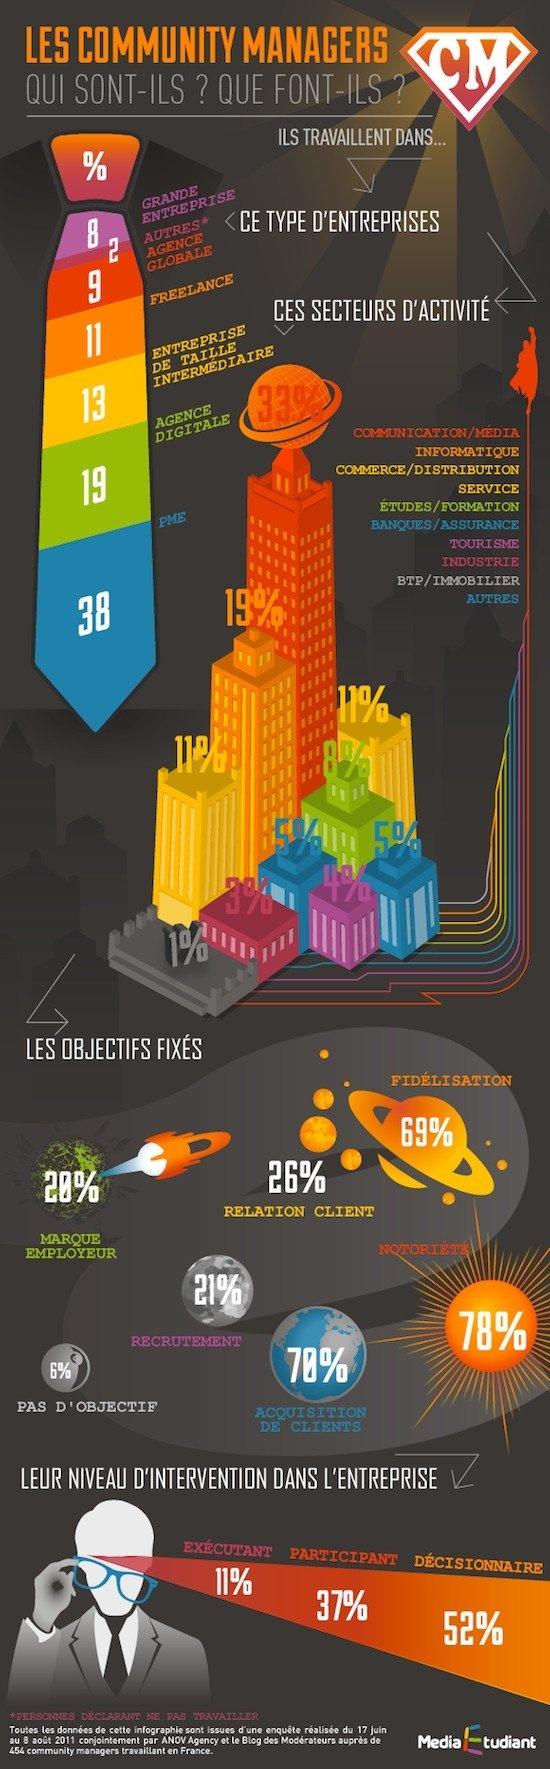 Ça fait quoi un Community Manager? Infographie assez représentative, mais c'est selon une enquête de 2011. Un peu loin...